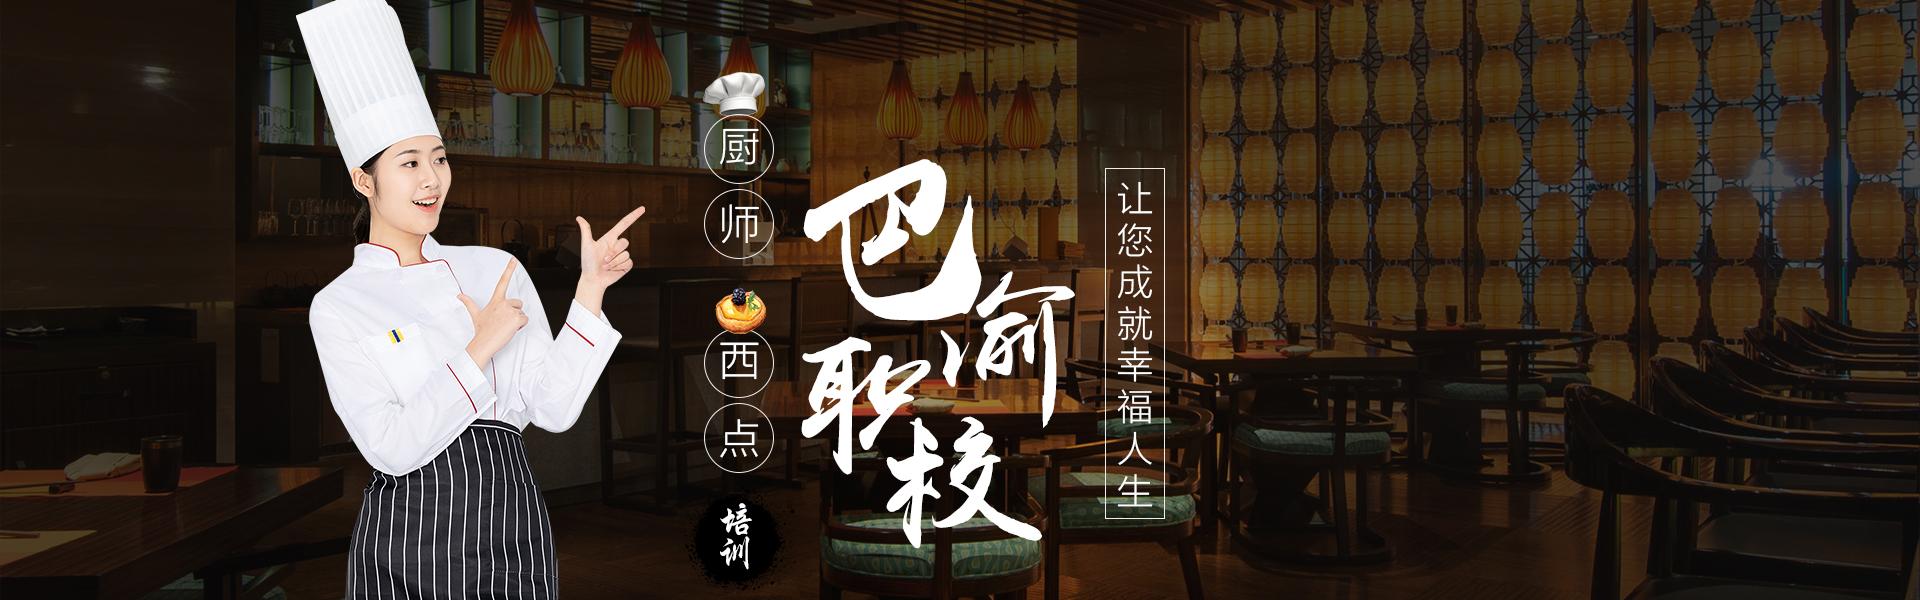 重庆川菜厨师培训